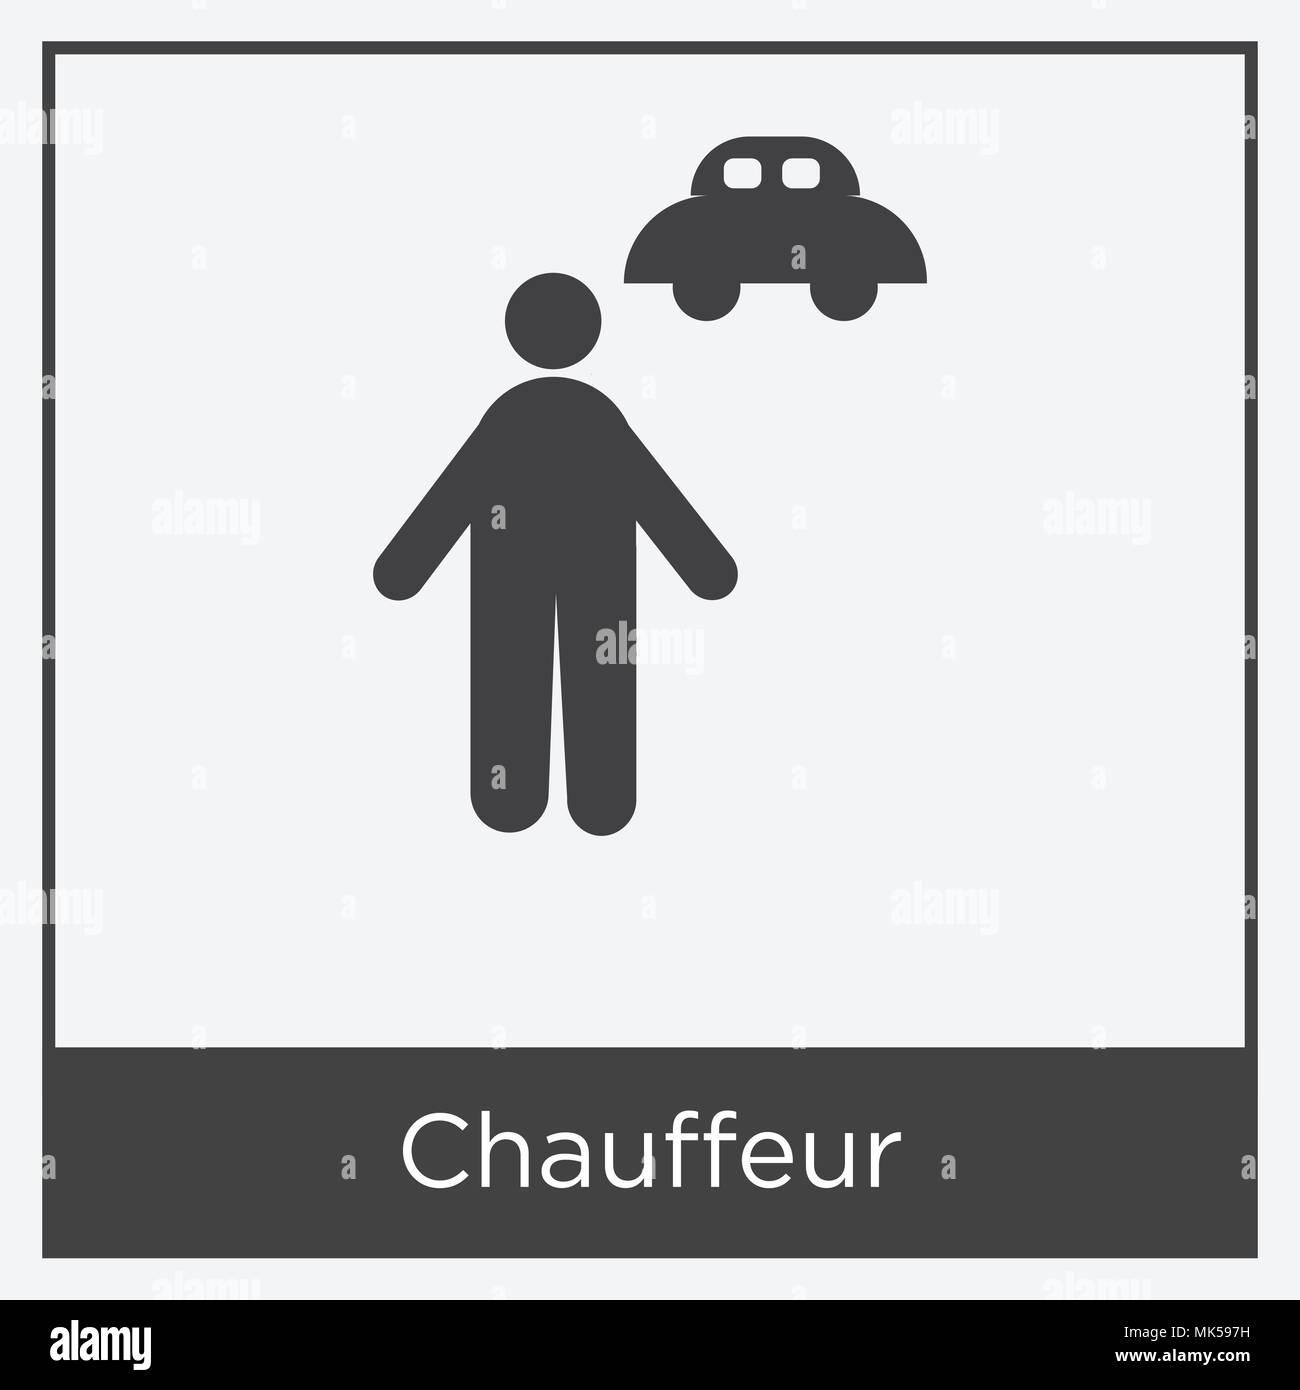 Chauffeur Icon Vector Vectors Stockfotos Und Bilder Kaufen Alamy